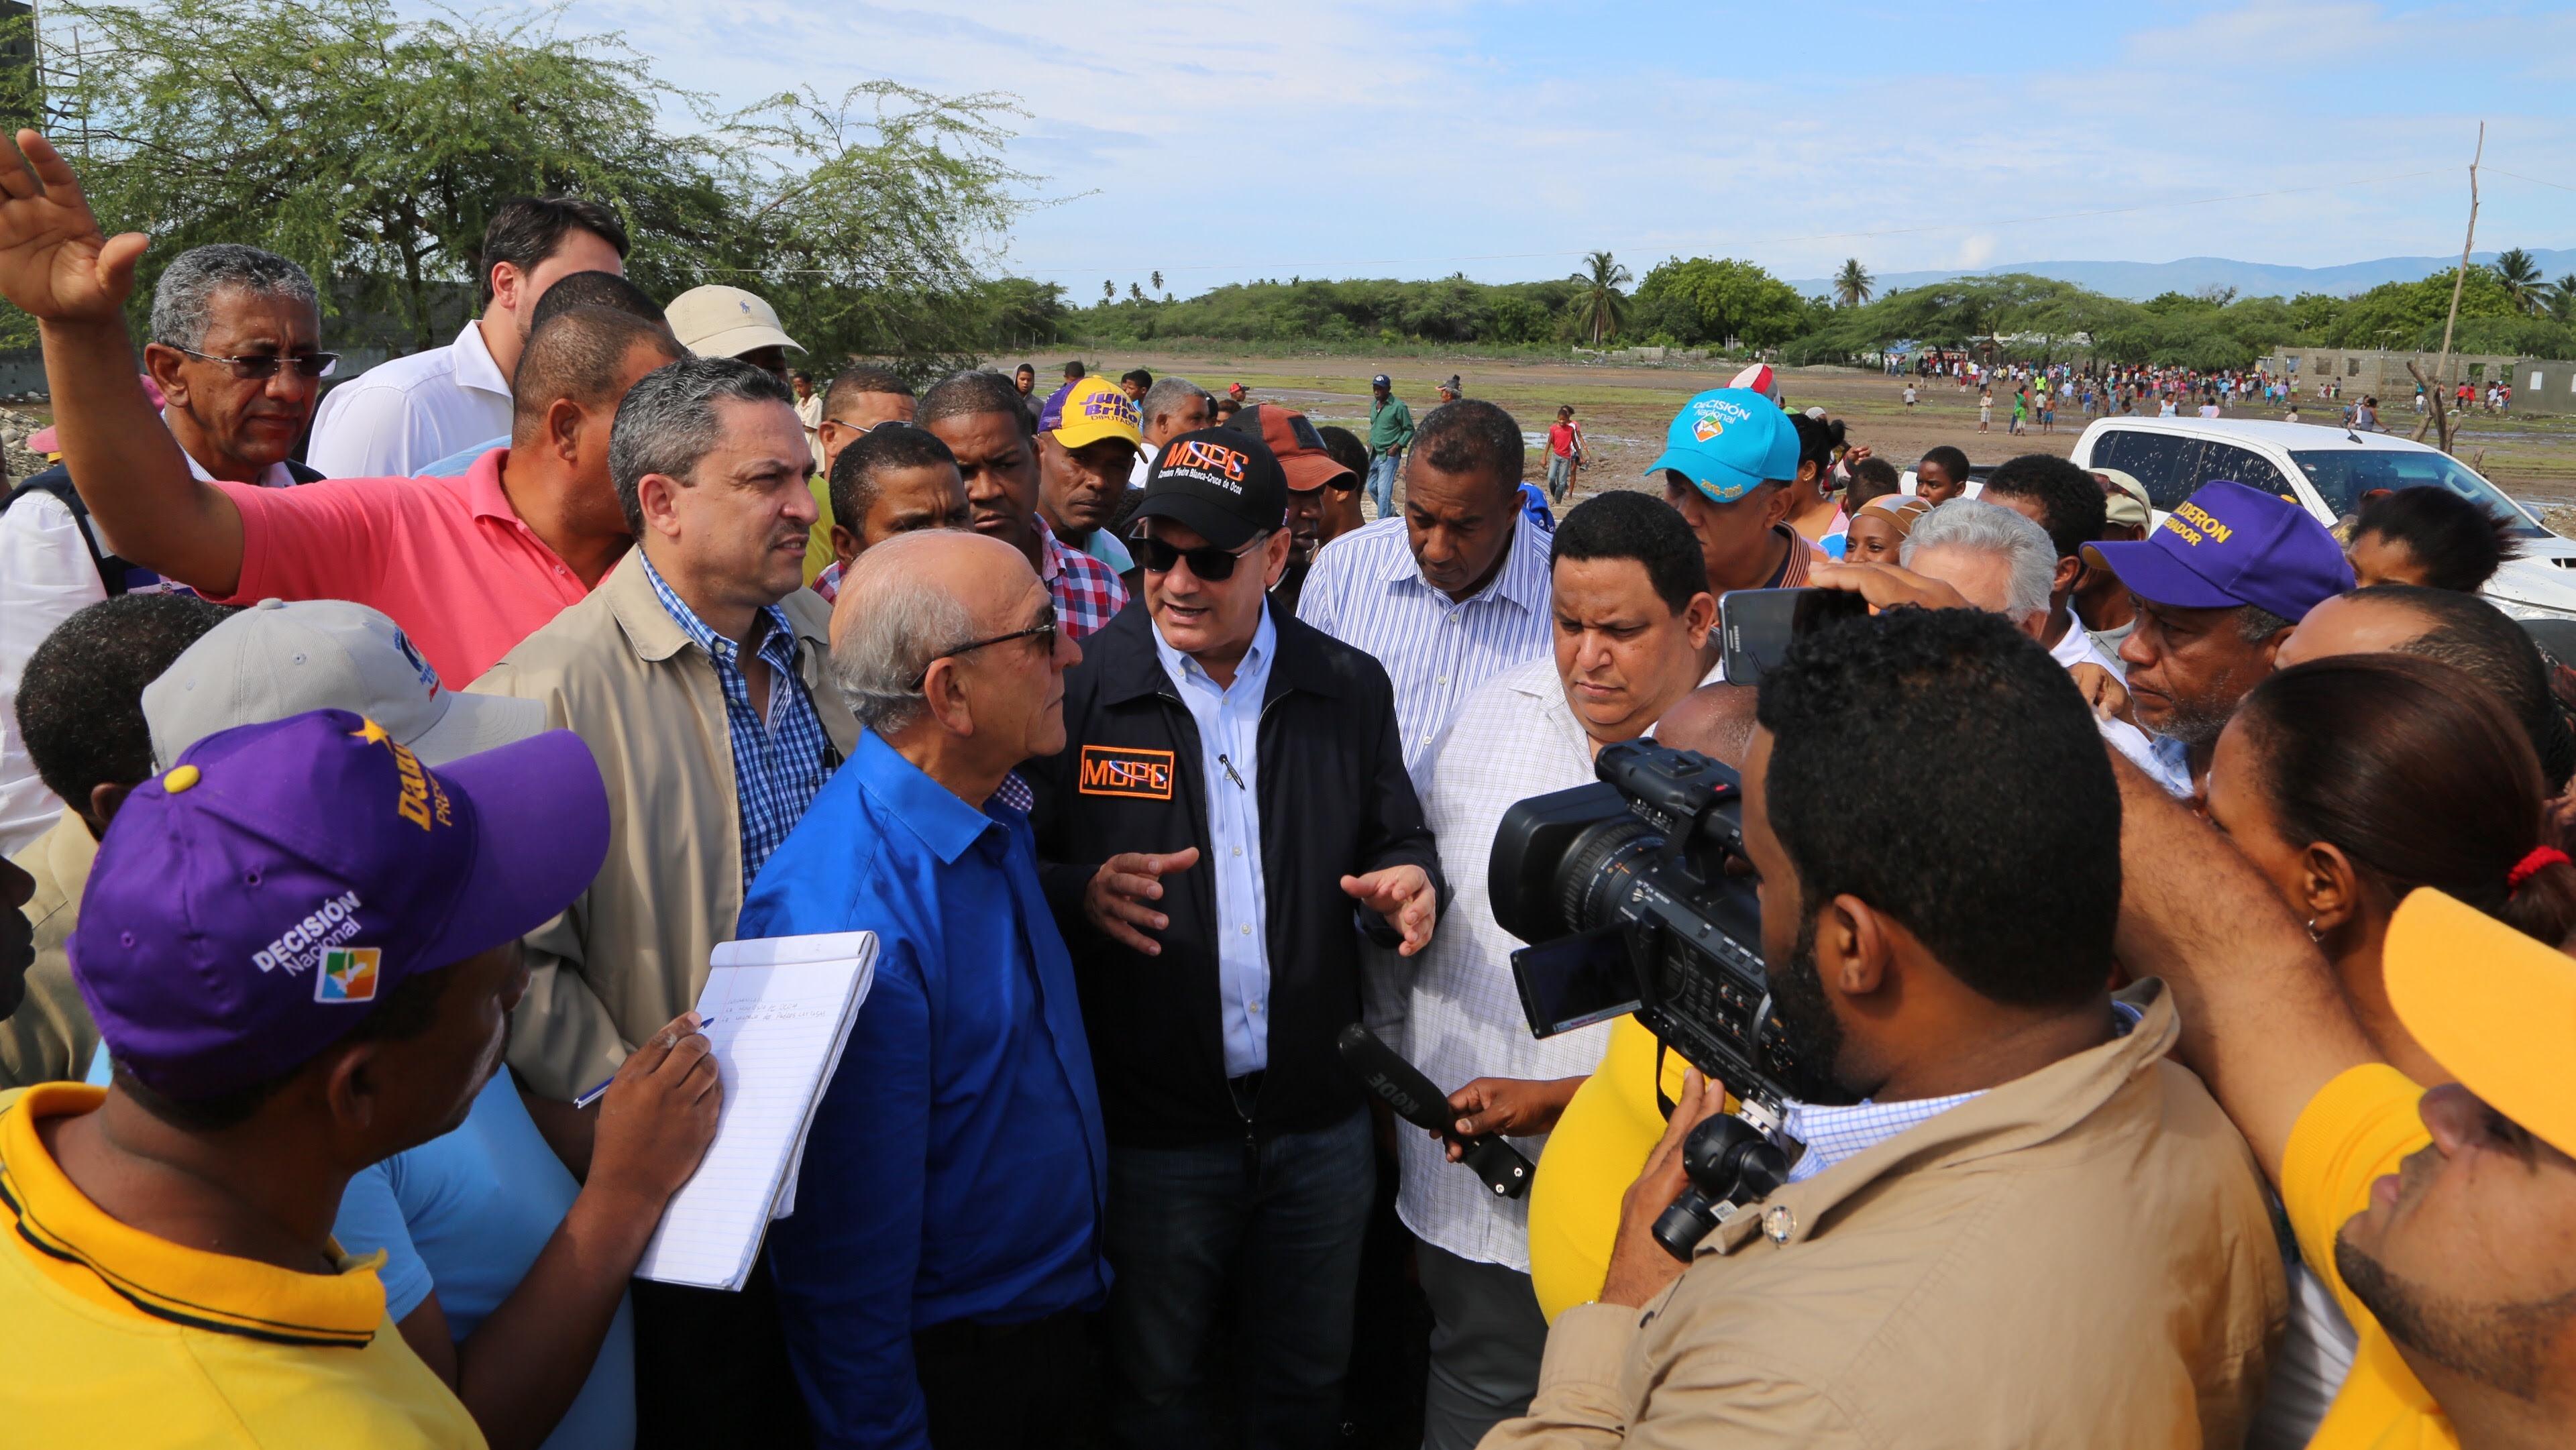 El gobernante conversò con las autoridades locales e instruyò a que se le suministre asistencia a los afectados por las lluvias.